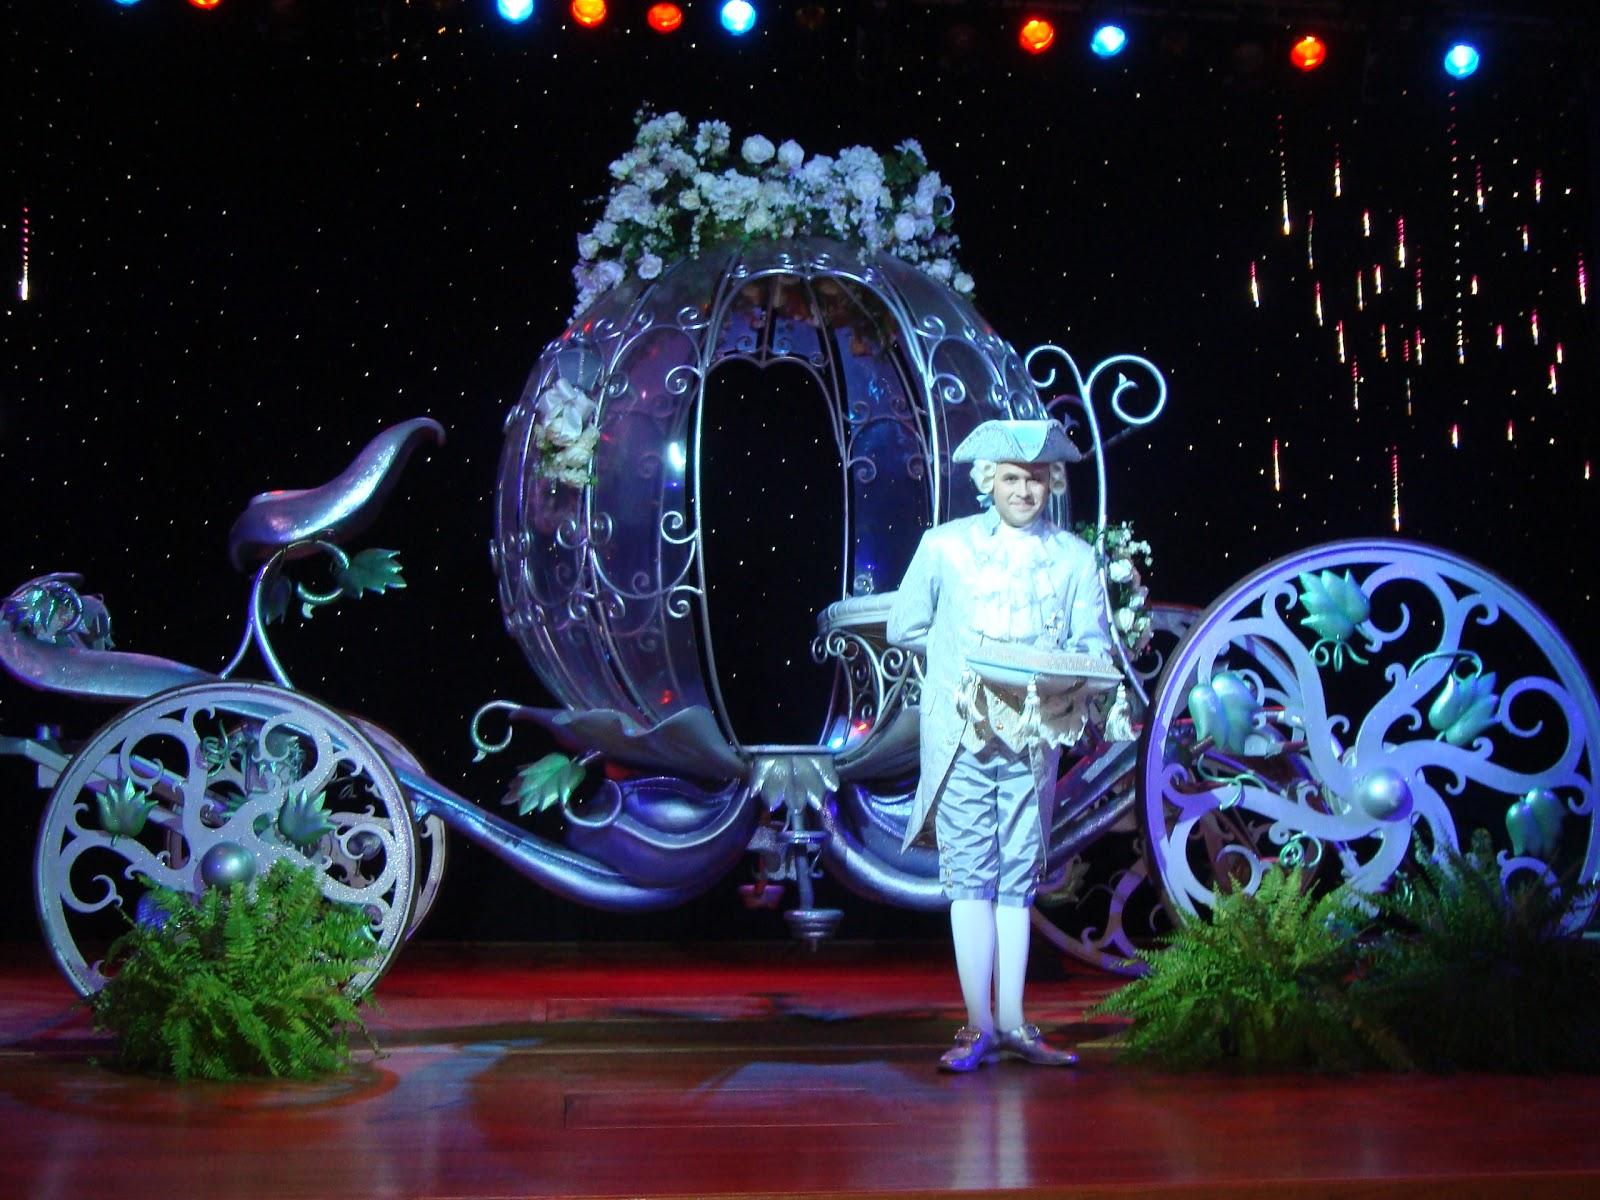 So Disney Wedding Cinderellas Carriage